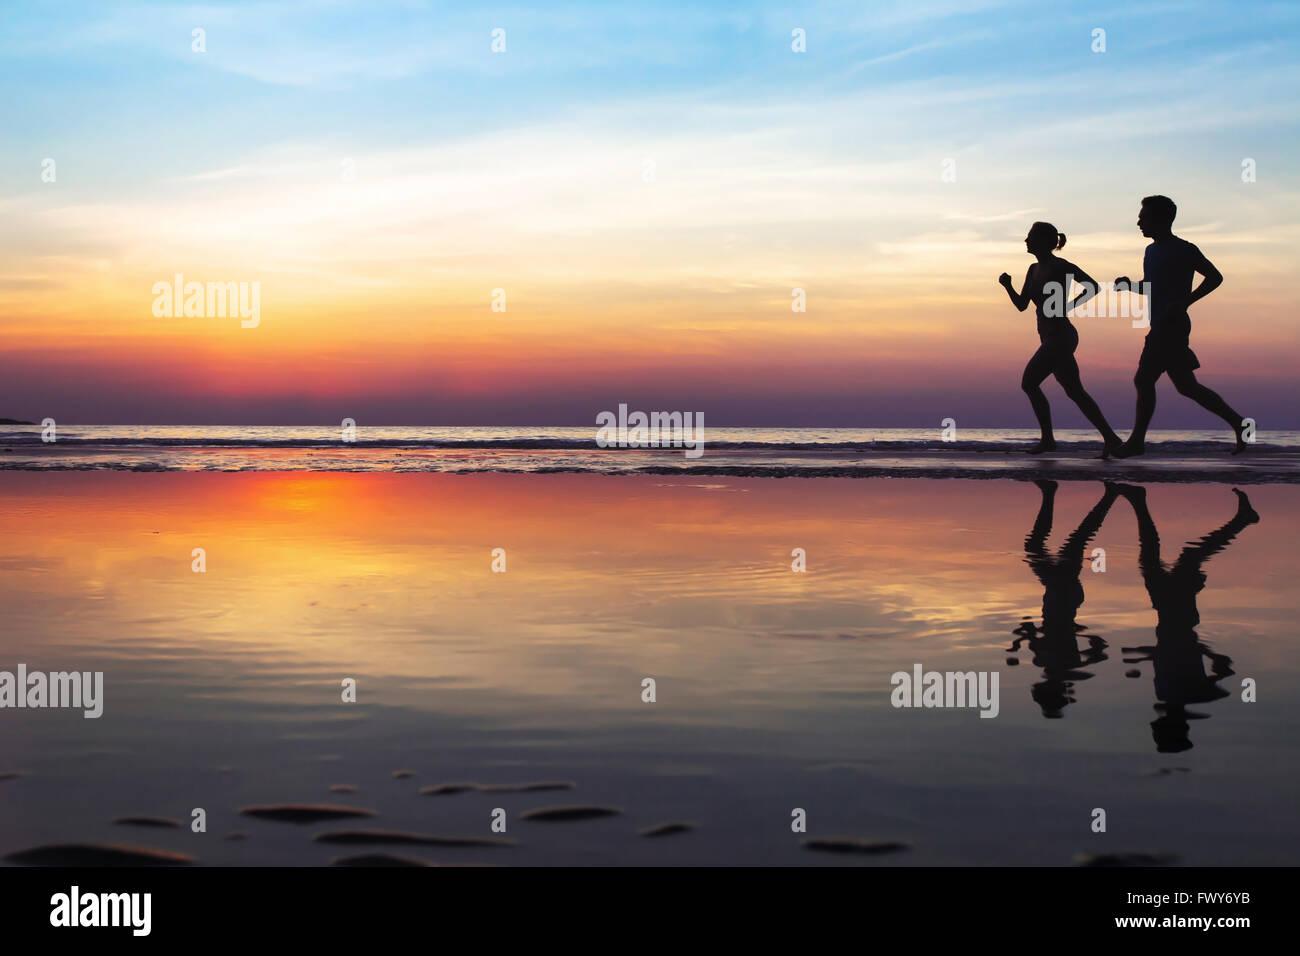 zwei Läufer am Strand, Silhouette des Menschen Joggen im Sonnenuntergang, gesunden Lebensstil Hintergrund mit Stockbild